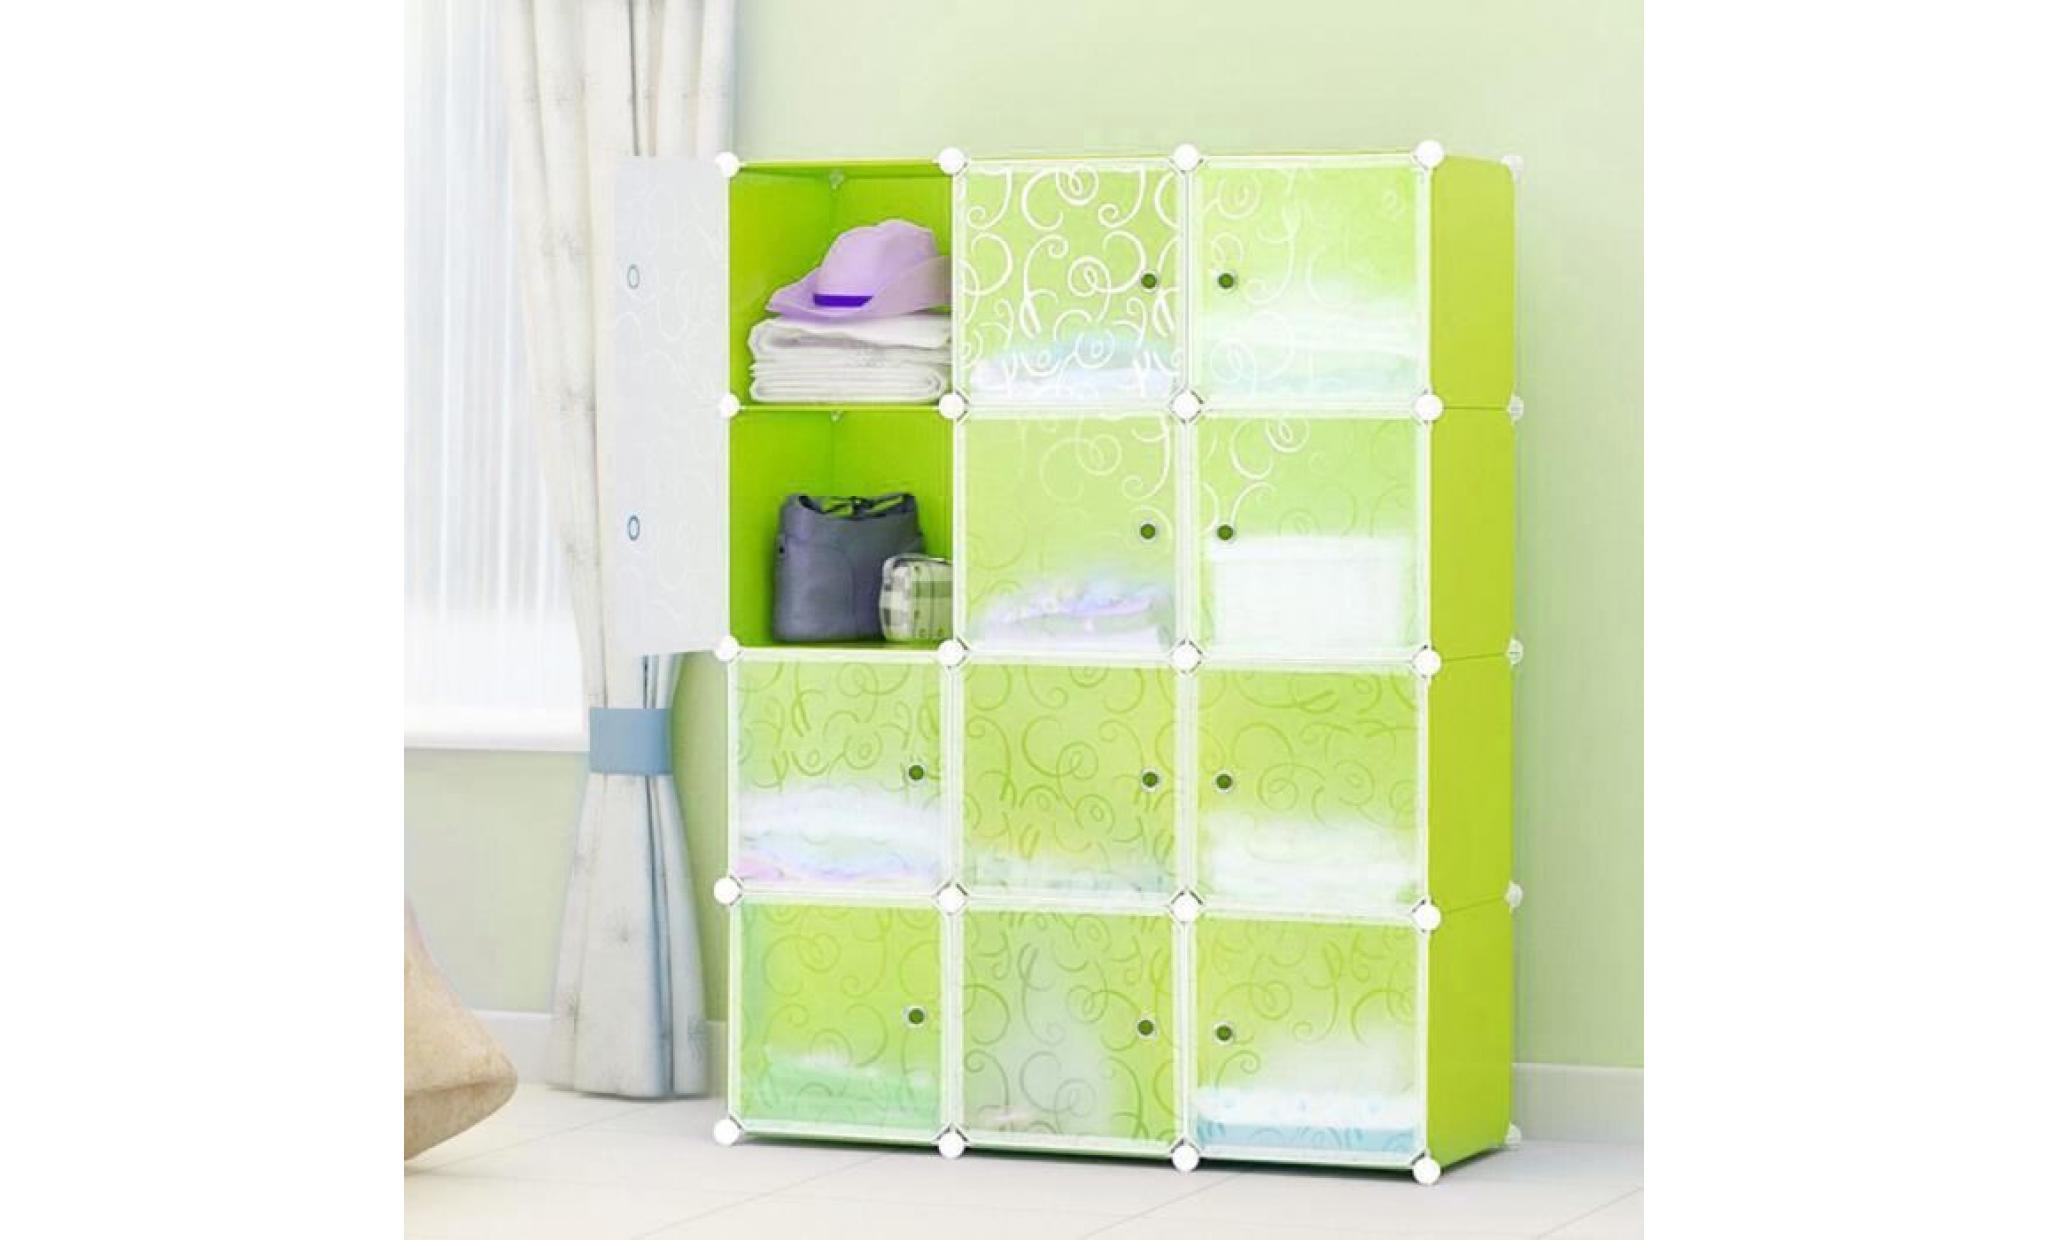 armoire penderie 12 cubes etagere modulables plastiques cadre en metal blanc 140 35 105cm achat vente armoire pas cher couleur et design fr